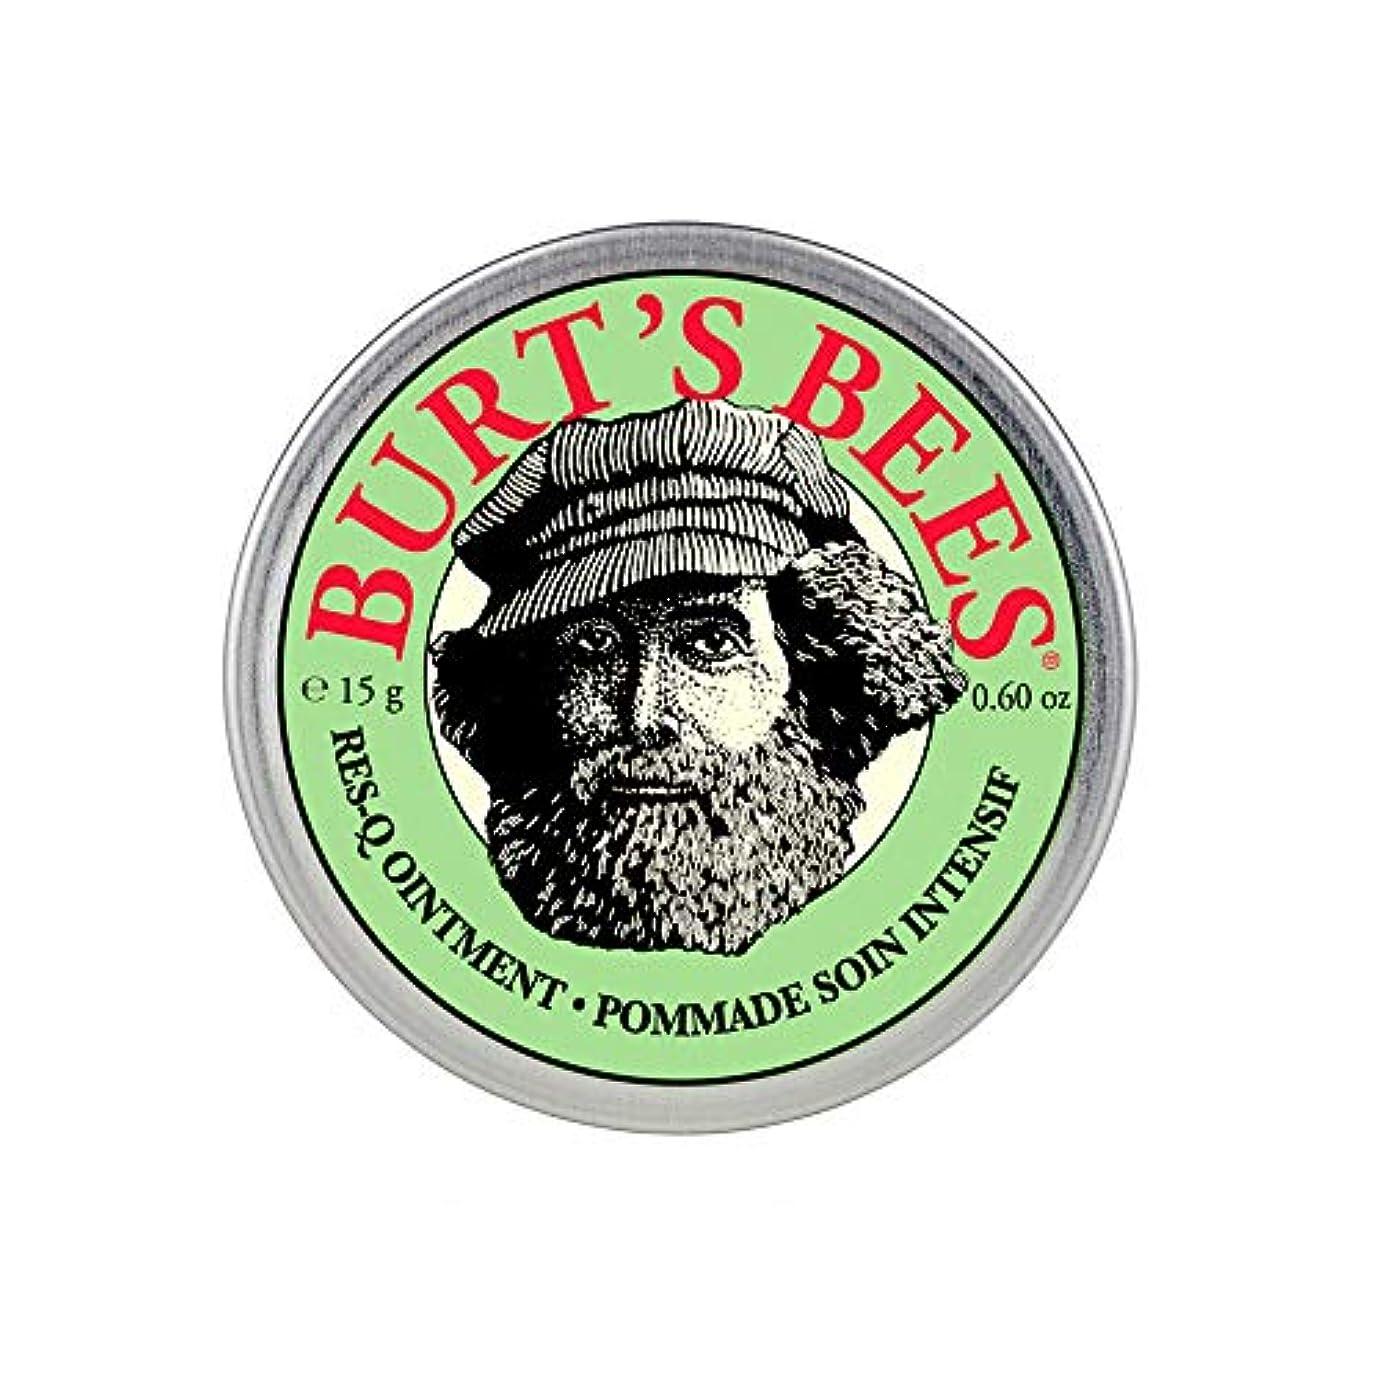 ソビエトご予約ダムバーツビーズ(Burt's Bees) レスキュー オイントメント 15g [100%ナチュラル、軟膏] [海外直送][並行輸入品]